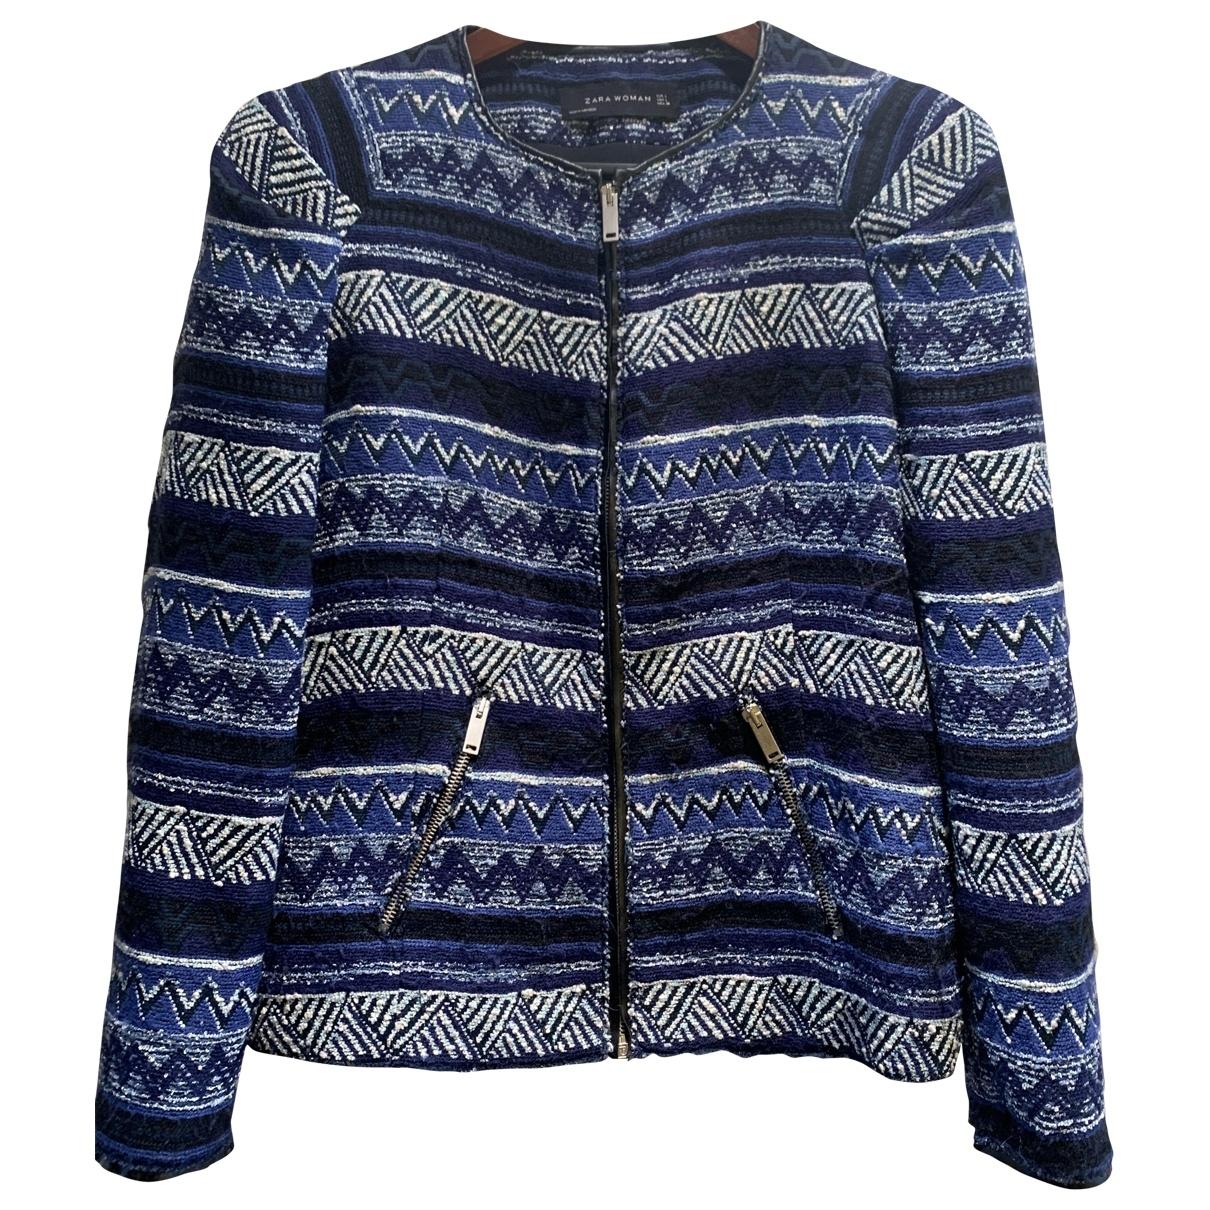 Zara \N Jacke in  Blau Synthetik